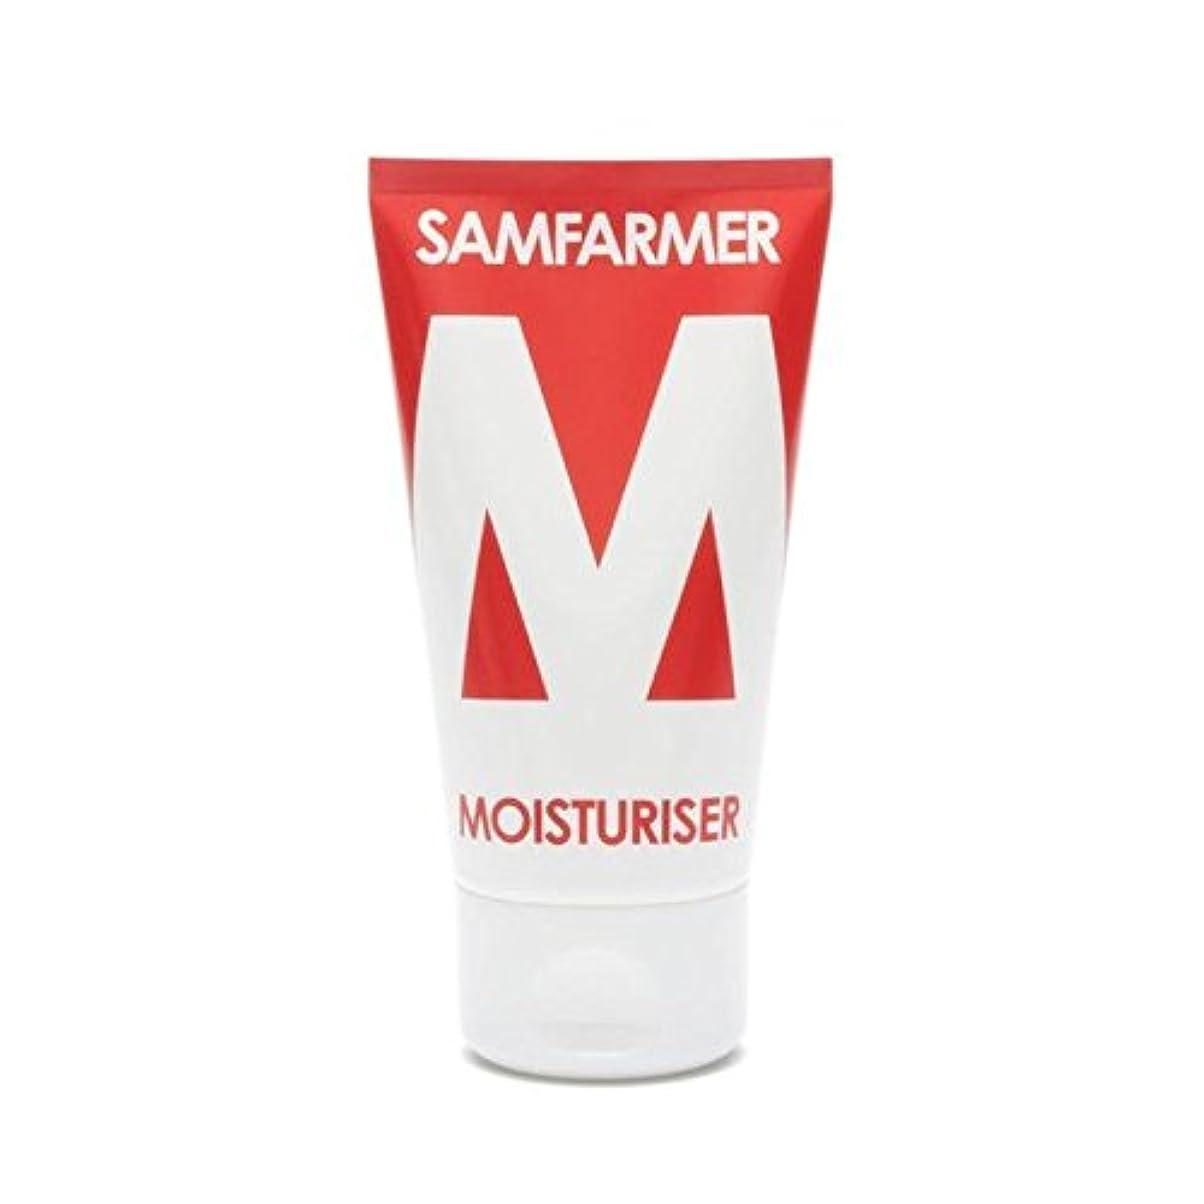 自治的教養がある判読できないユニセックス保湿50ミリリットル x2 - SAMFARMER Unisex Moisturiser 50ml (Pack of 2) [並行輸入品]